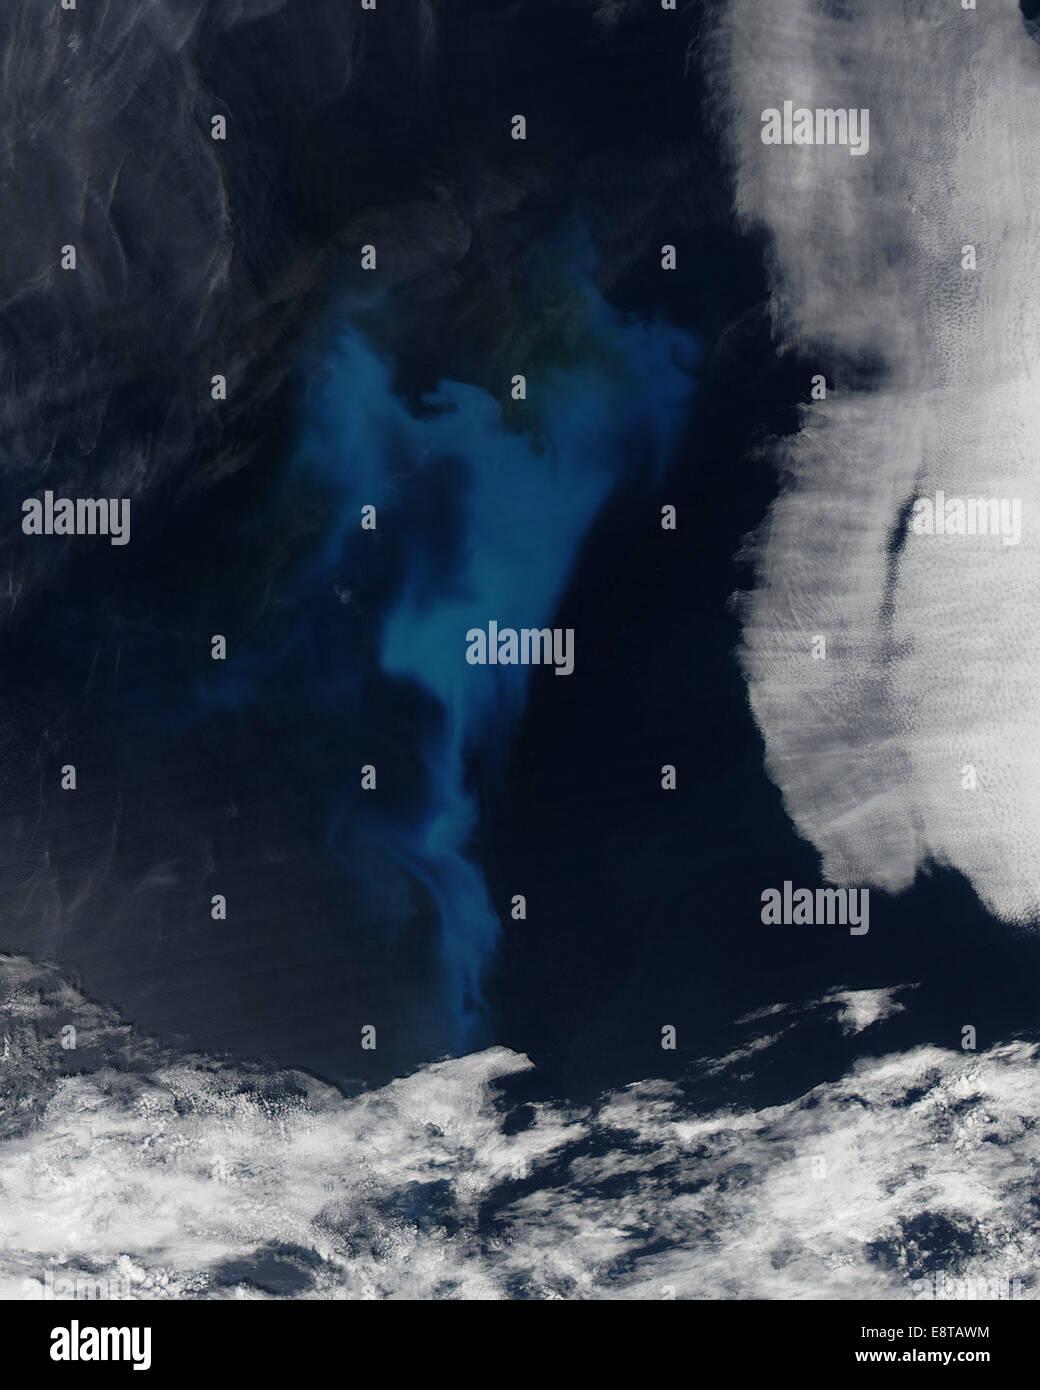 La floraison du phytoplancton dans l'océan Atlantique Nord Banque D'Images